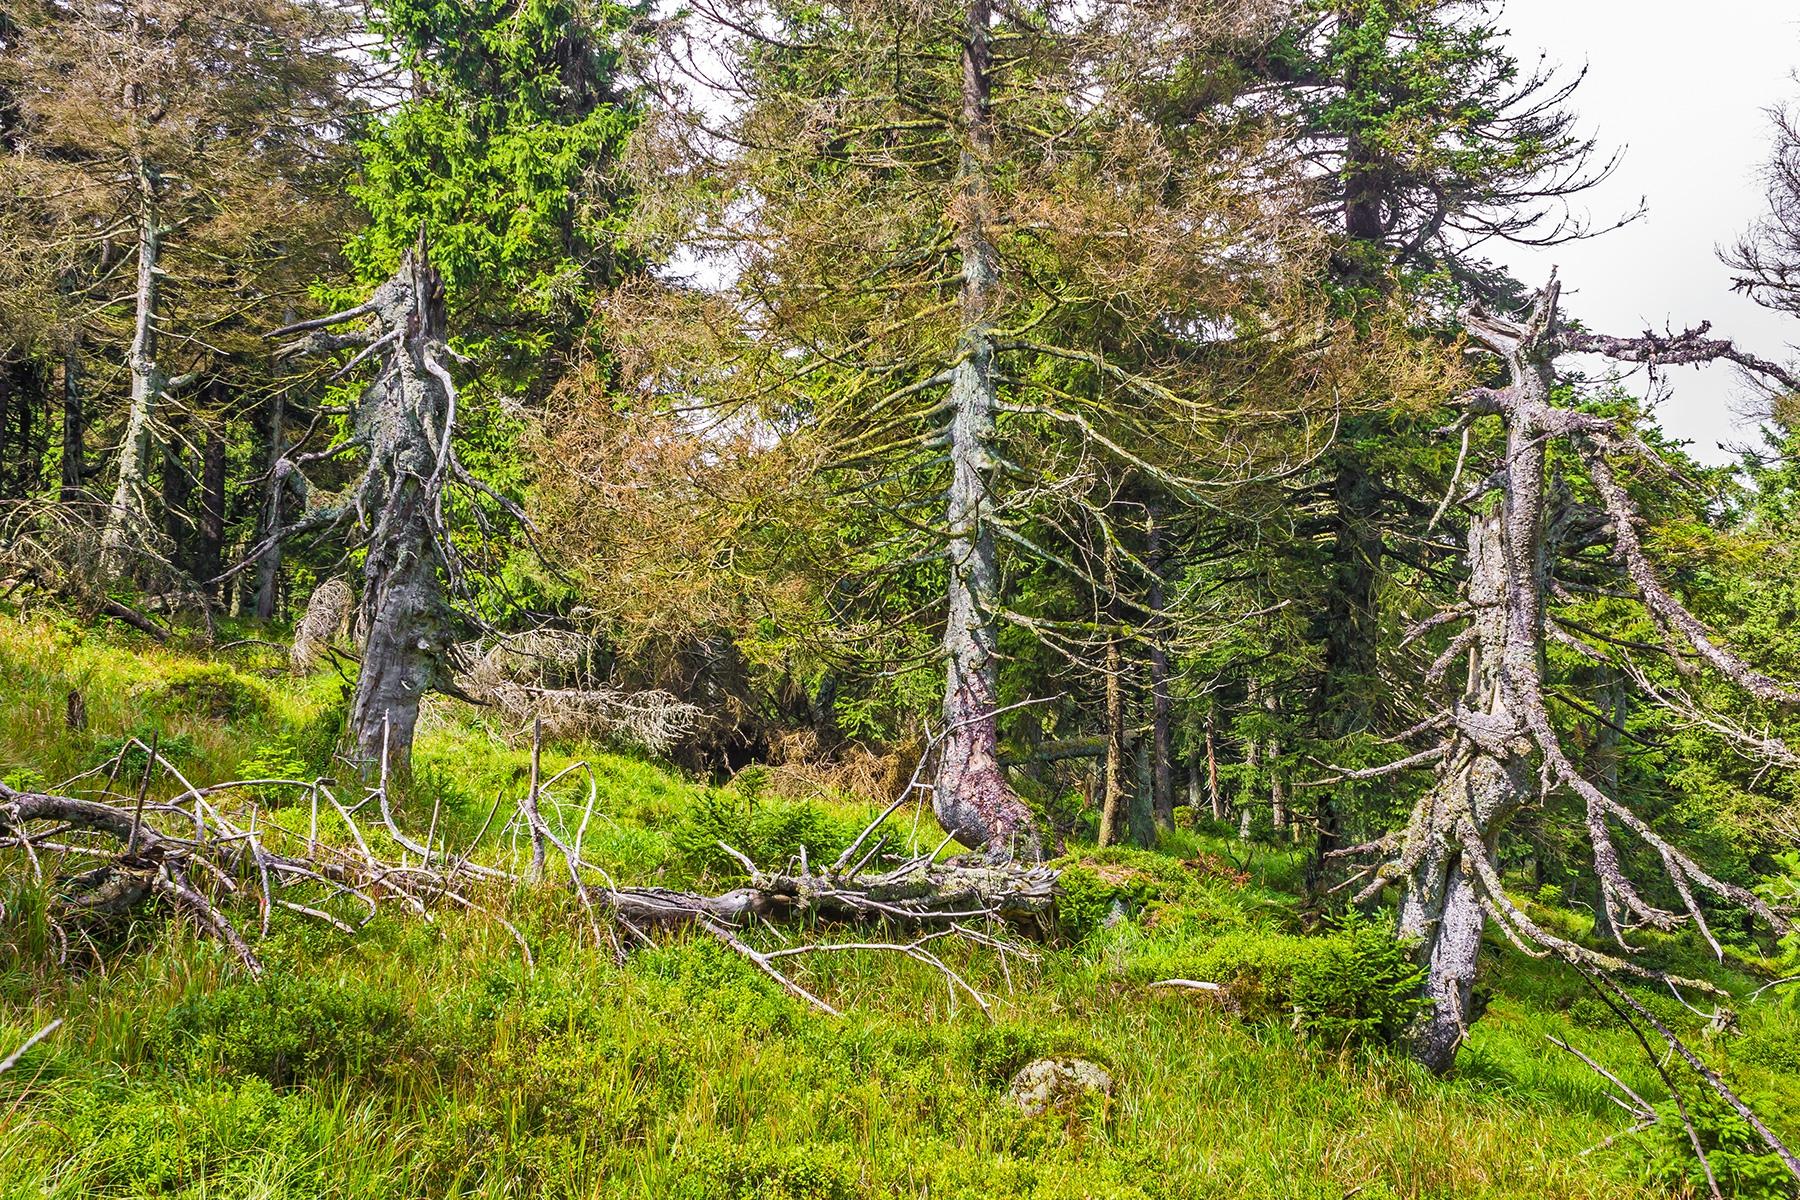 Brockenurwald am Schneelochweg